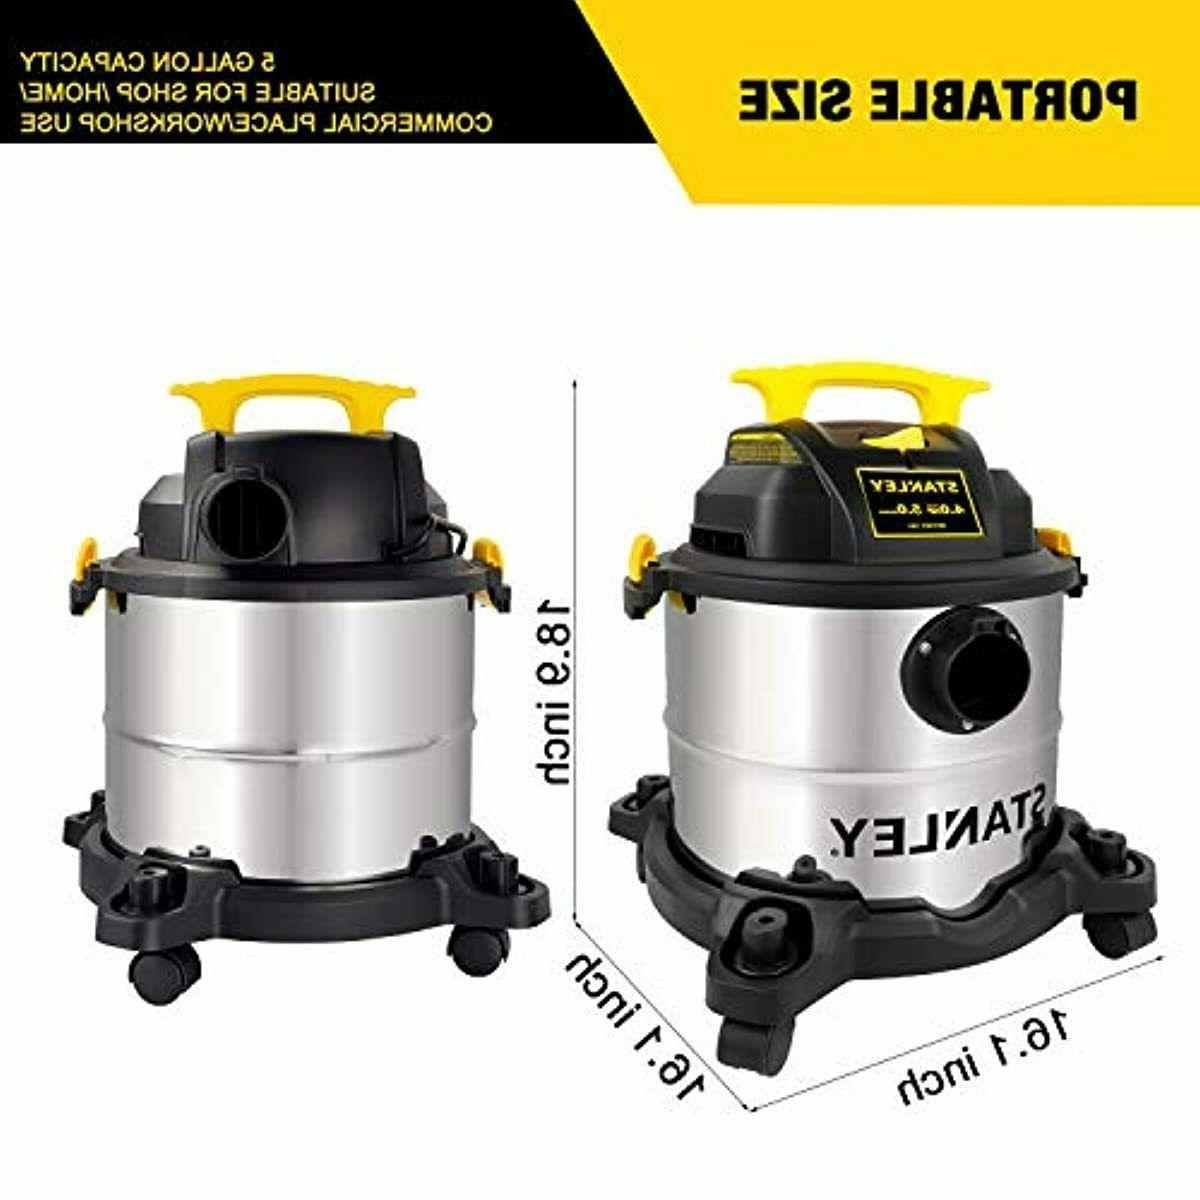 Stanley 5 Gallon Dry Vacuum, HP Stainless Steel 3 in Blowe